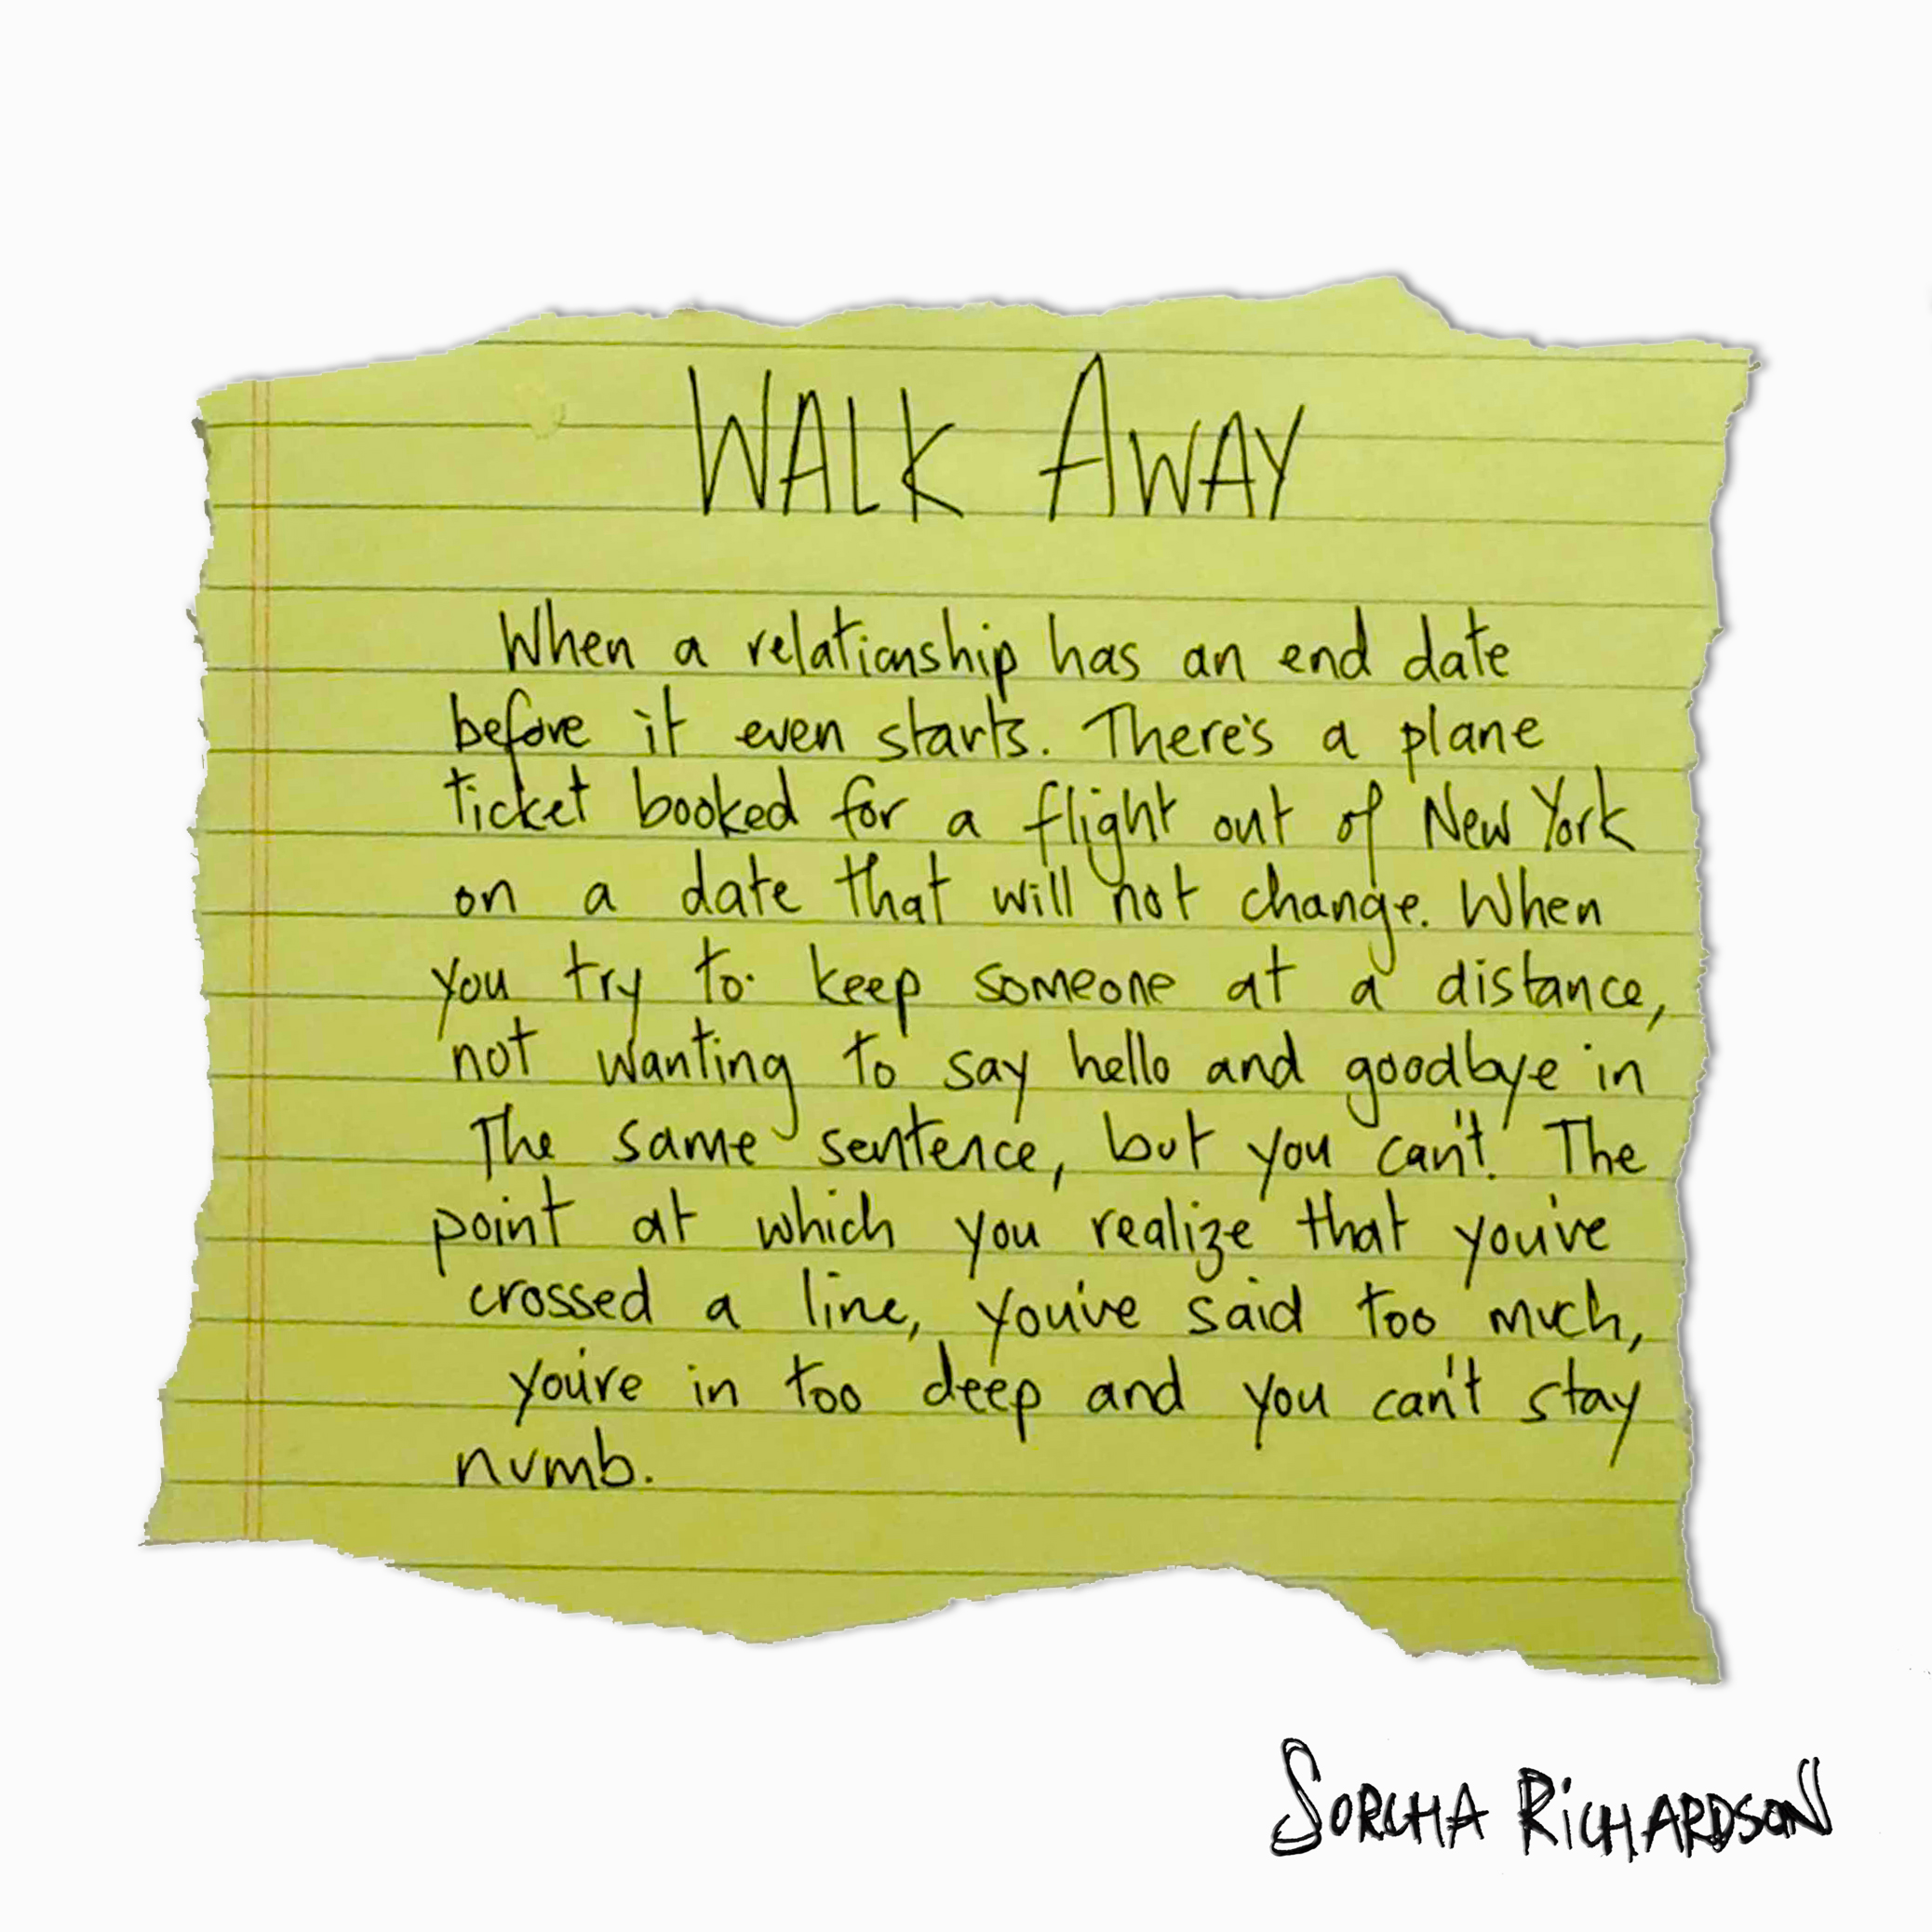 Walk Away - August 24, 2016